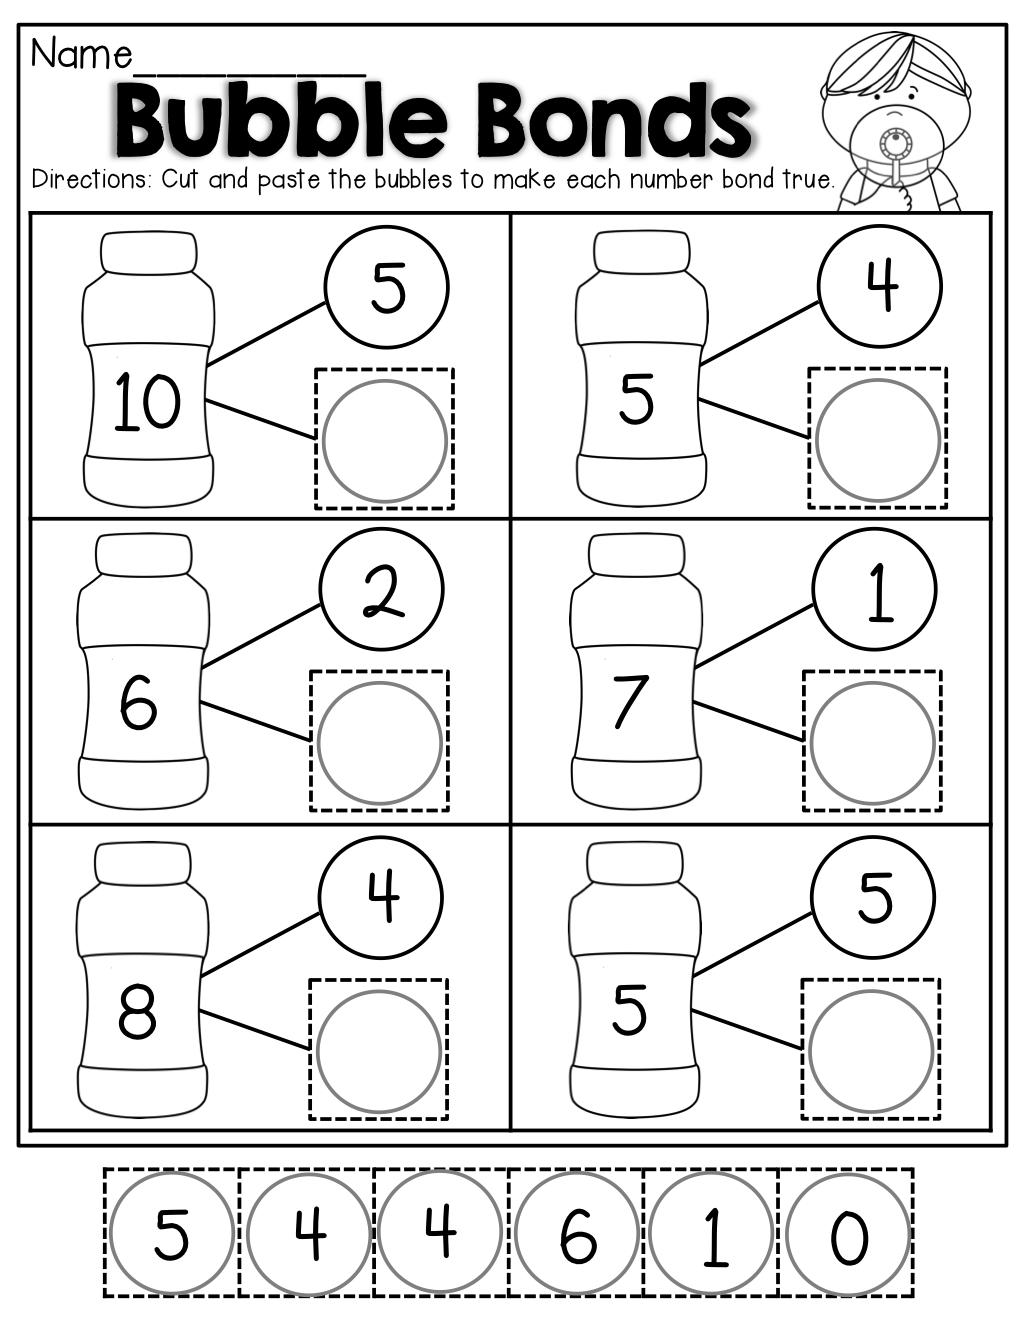 Number Bubble Bonds (Cut And Paste)   Kindergarten Activities   Math - Free Printable Number Bonds Worksheets For Kindergarten